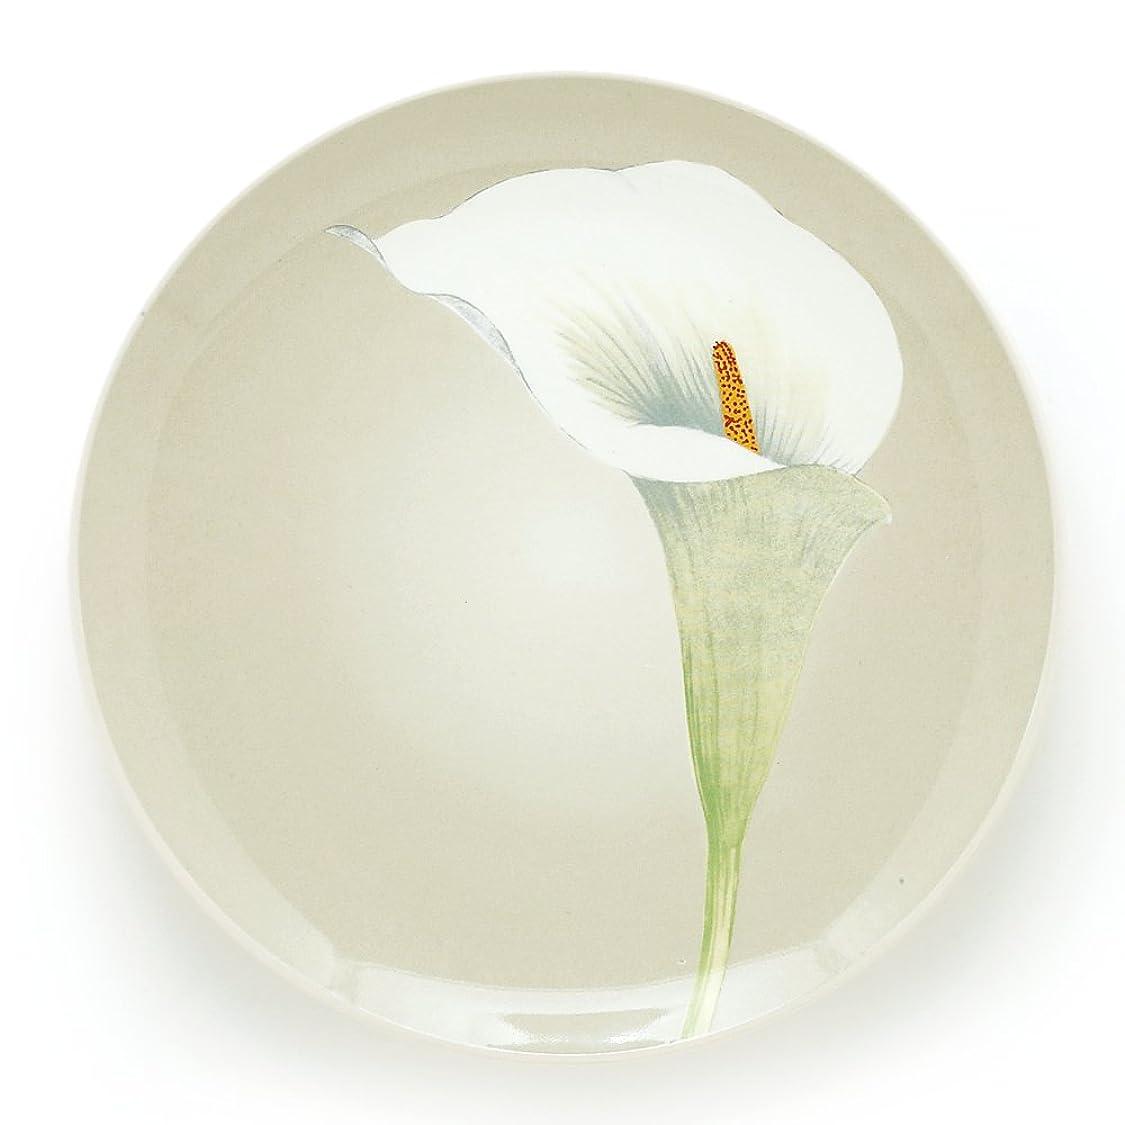 トラブル運ぶ繰り返すNoritake Colorwave Cream Accent Plate, 9-Inch by Noritake